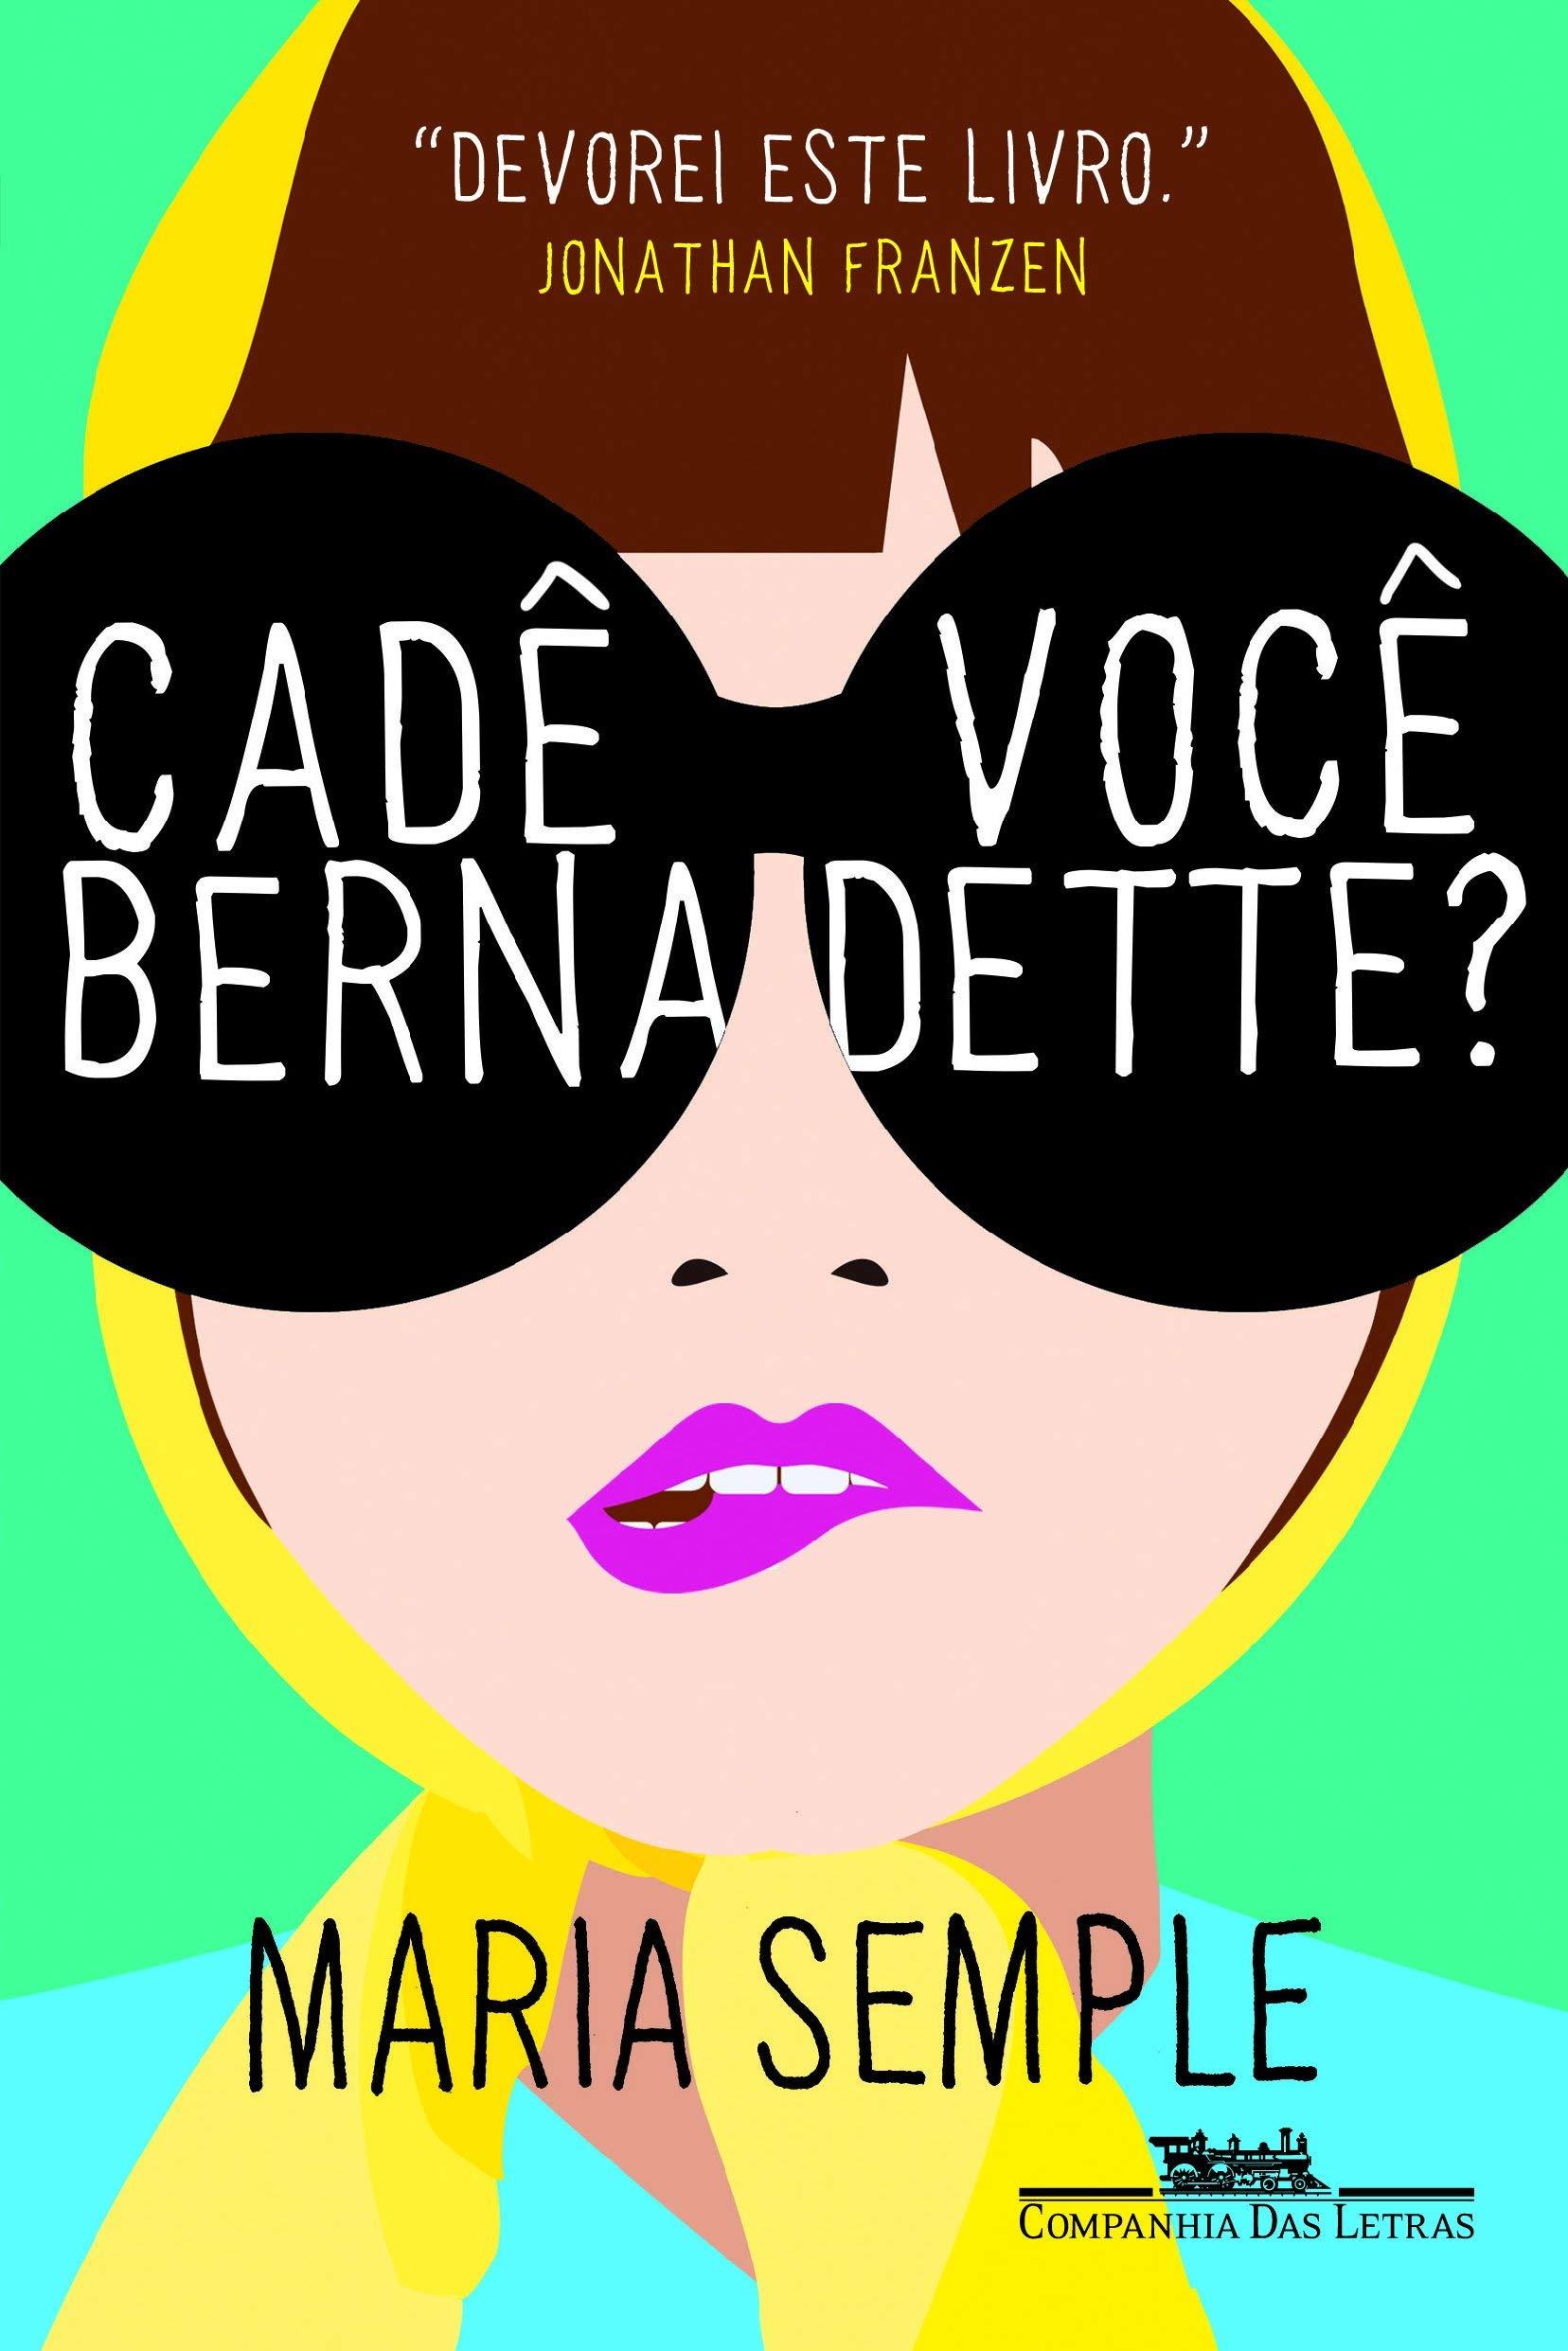 Cadê você Bernadette? | Amazon.com.br